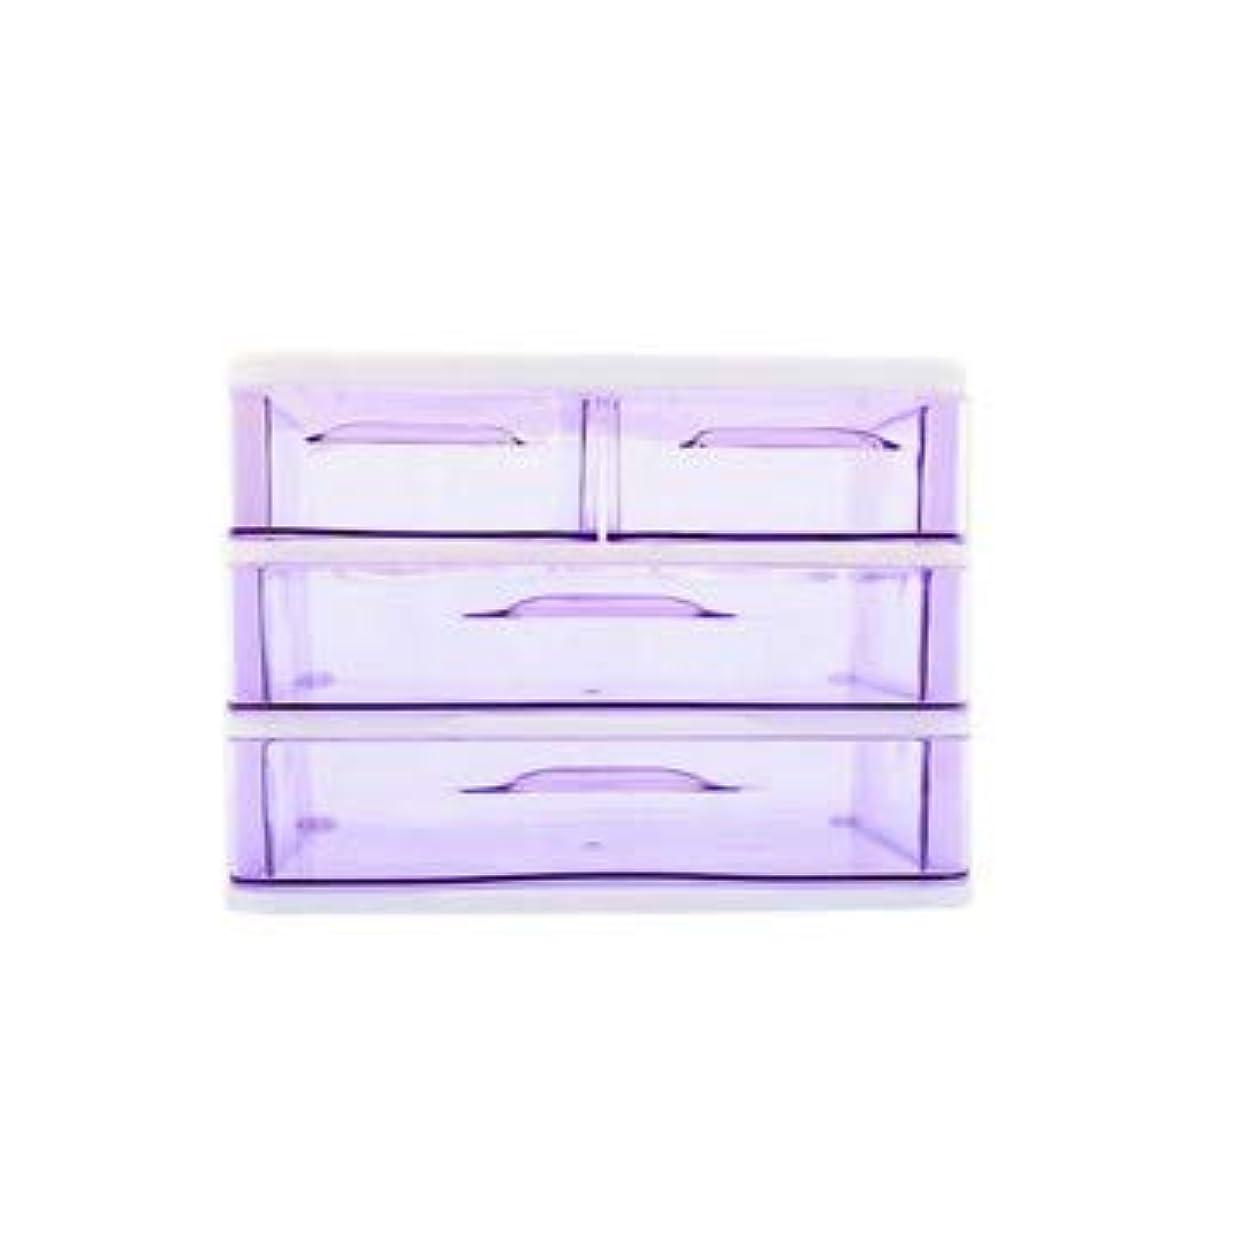 惑星知人ポータブルクリエイティブ収納ボックス三層プラスチック化粧品収納ボックスデスクトップ引き出し型仕上げボックス収納ボックス化粧箱 (Color : Purple)